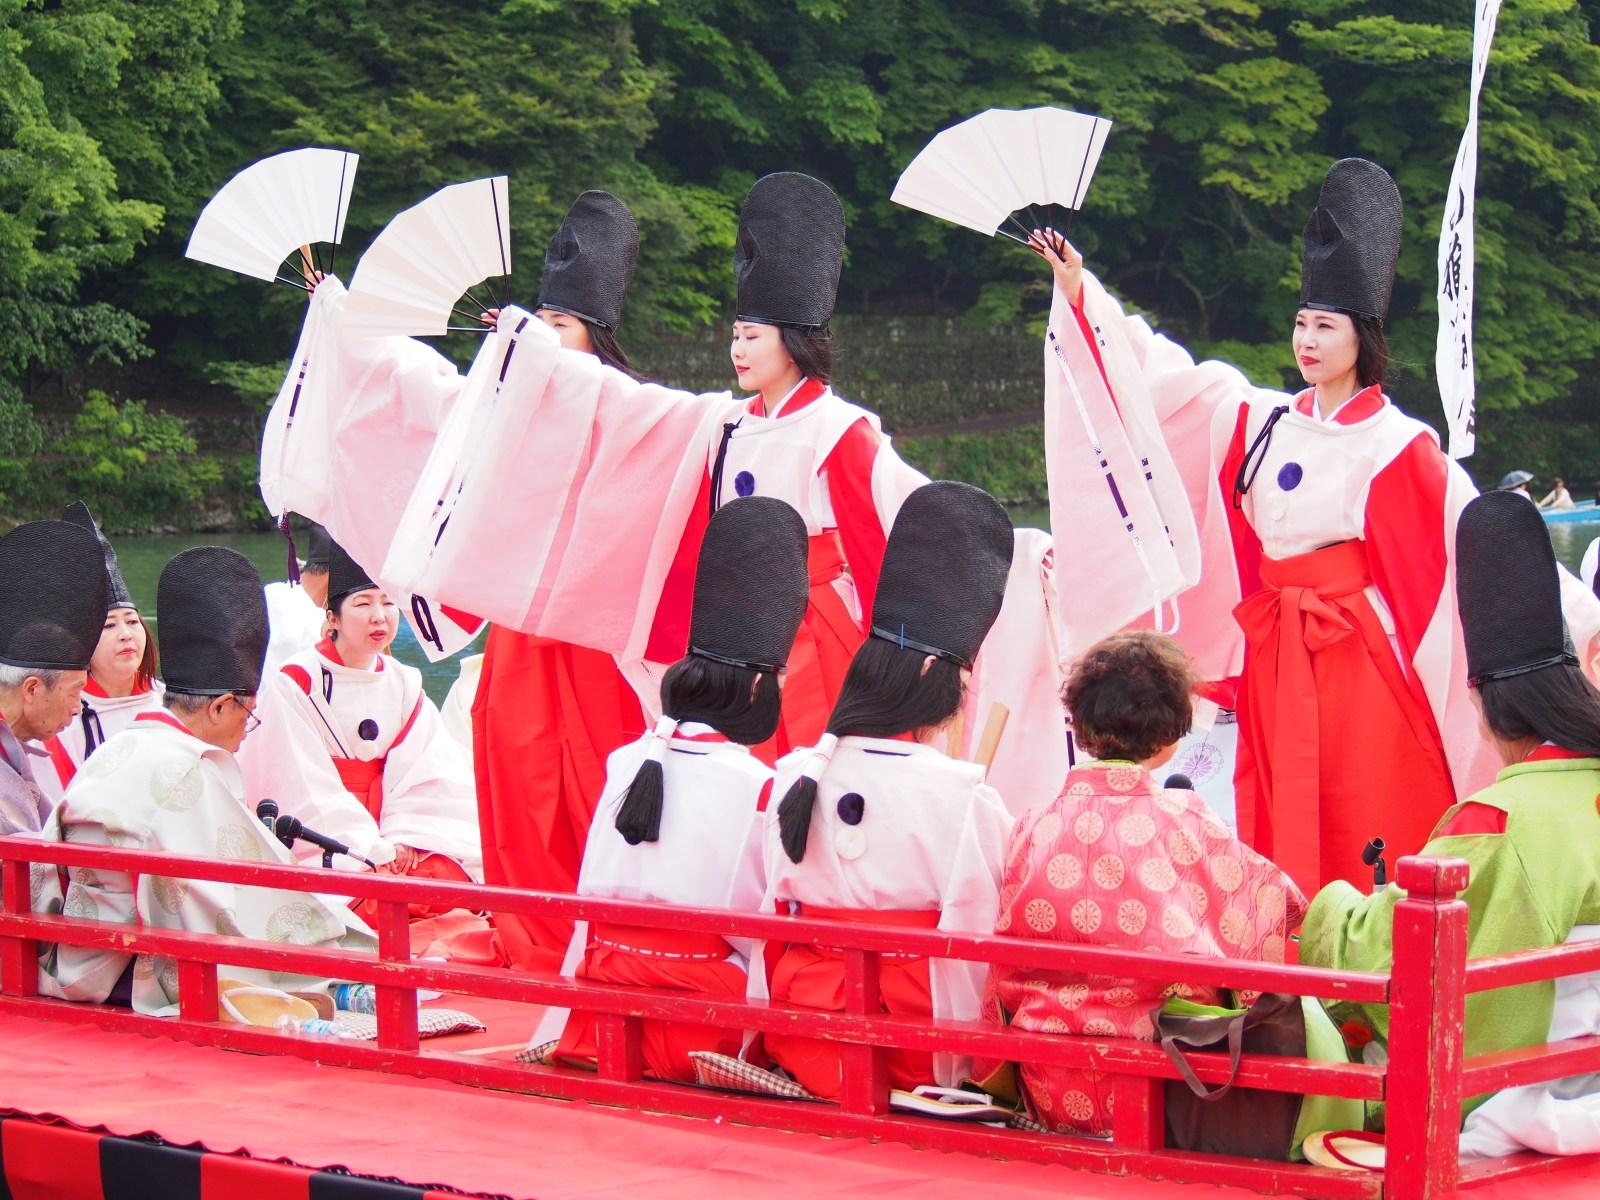 【三船祭】京都・嵐山で平安絵巻を再現した美にうっとり♪